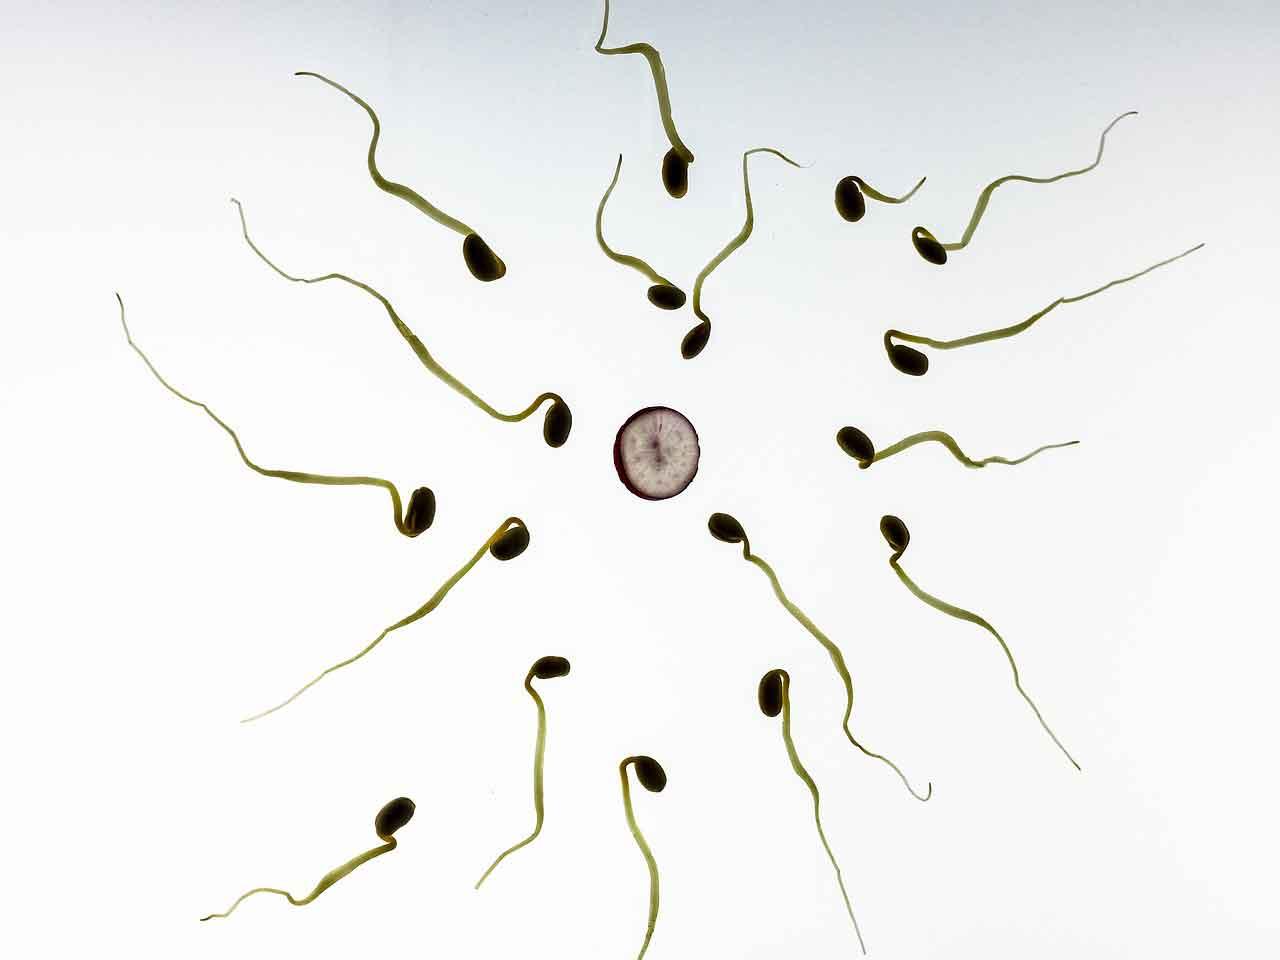 kualitas sperma baik dan buruk - posciety